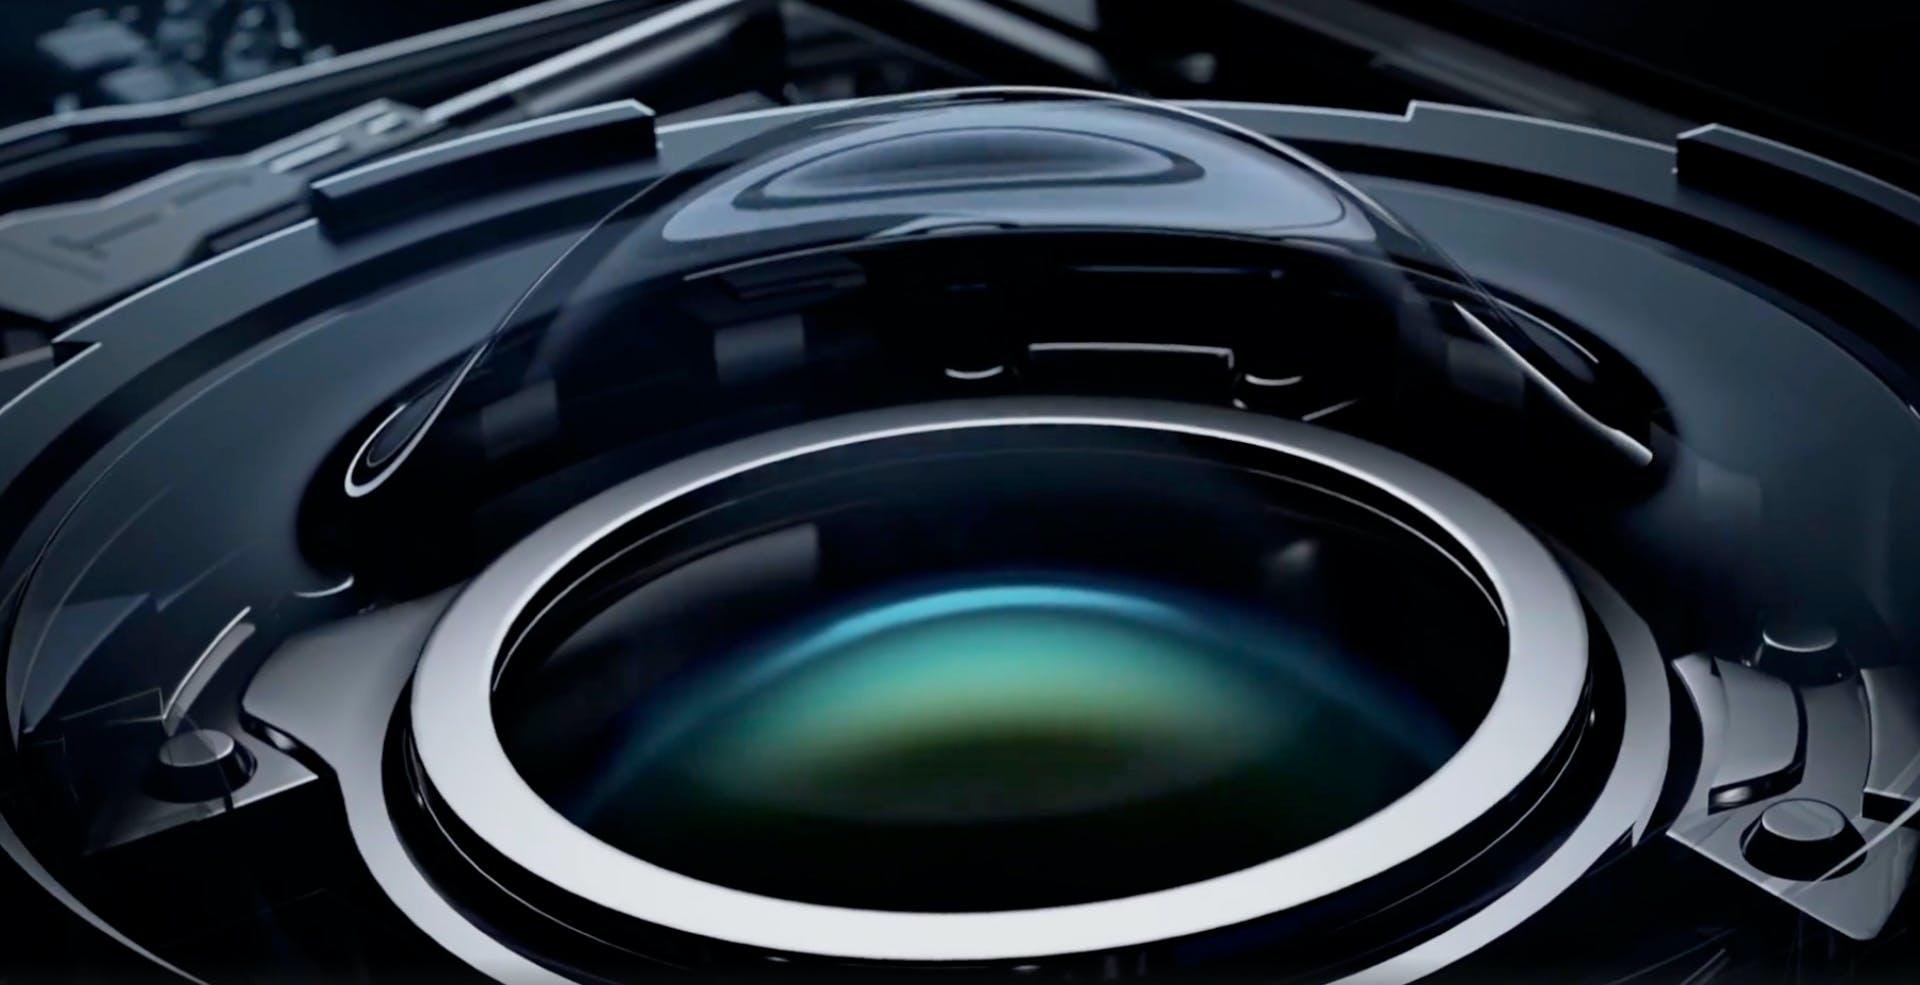 Xiaomi ha creato la lente liquida: può diventare una macro o un tele. Che rivoluzione